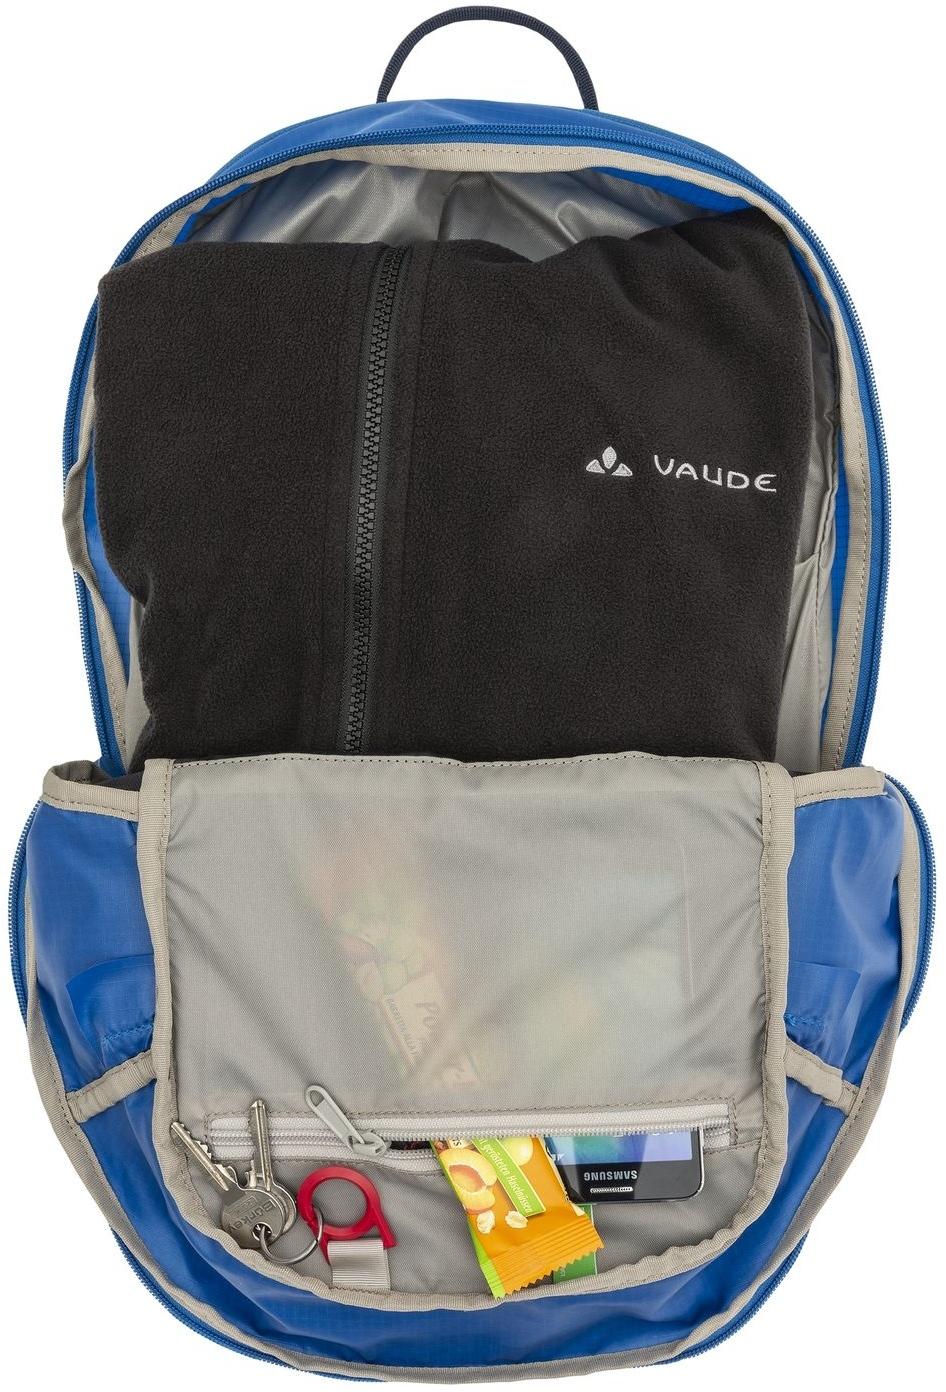 Image of Vaude Tremalzo 16 Backpack - blue